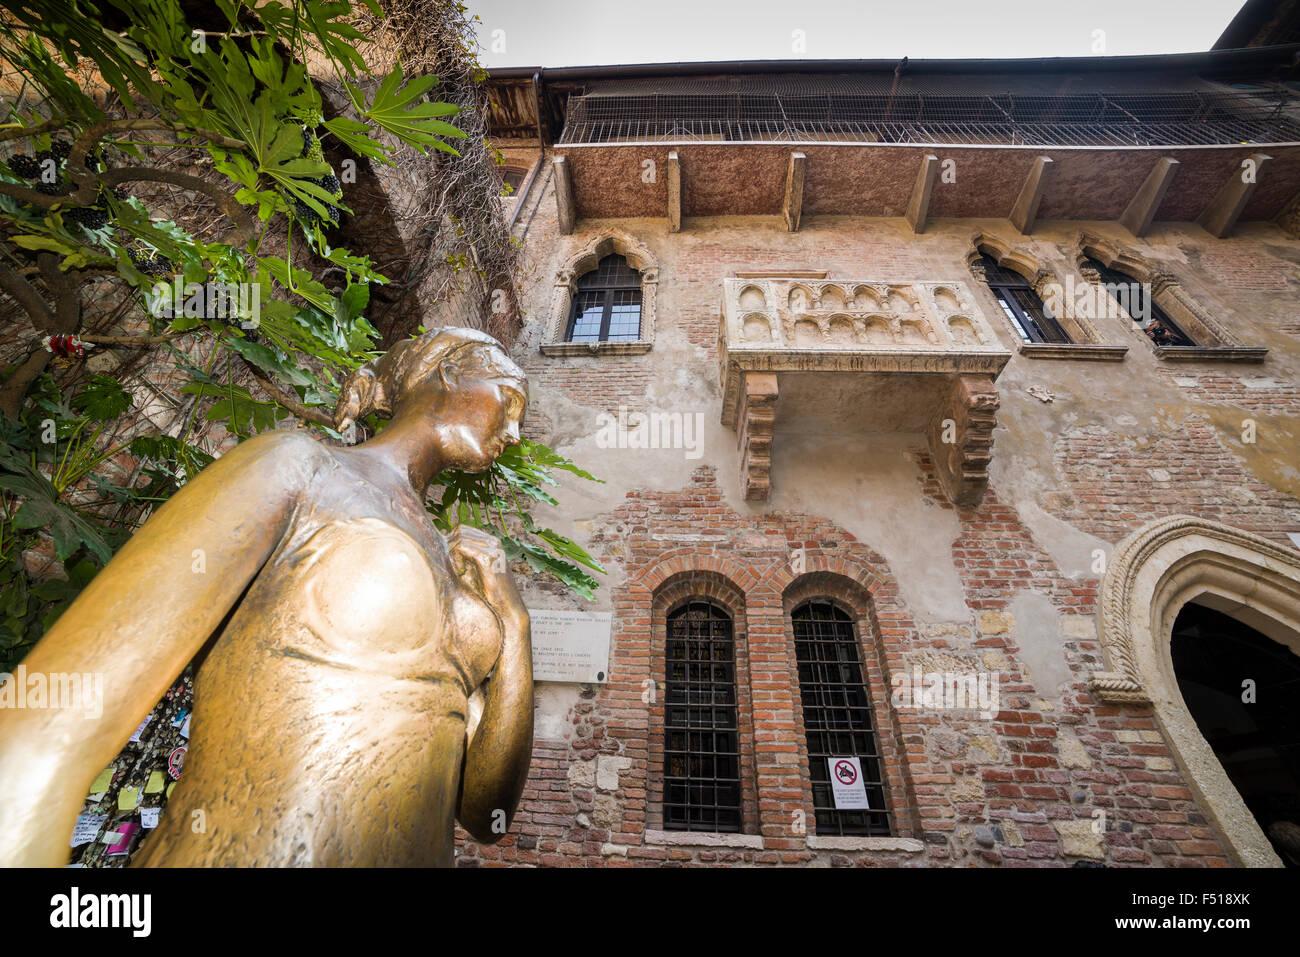 La estatua de bronce de Julieta en el patio trasero de la casa juliets con el famoso balcón Imagen De Stock